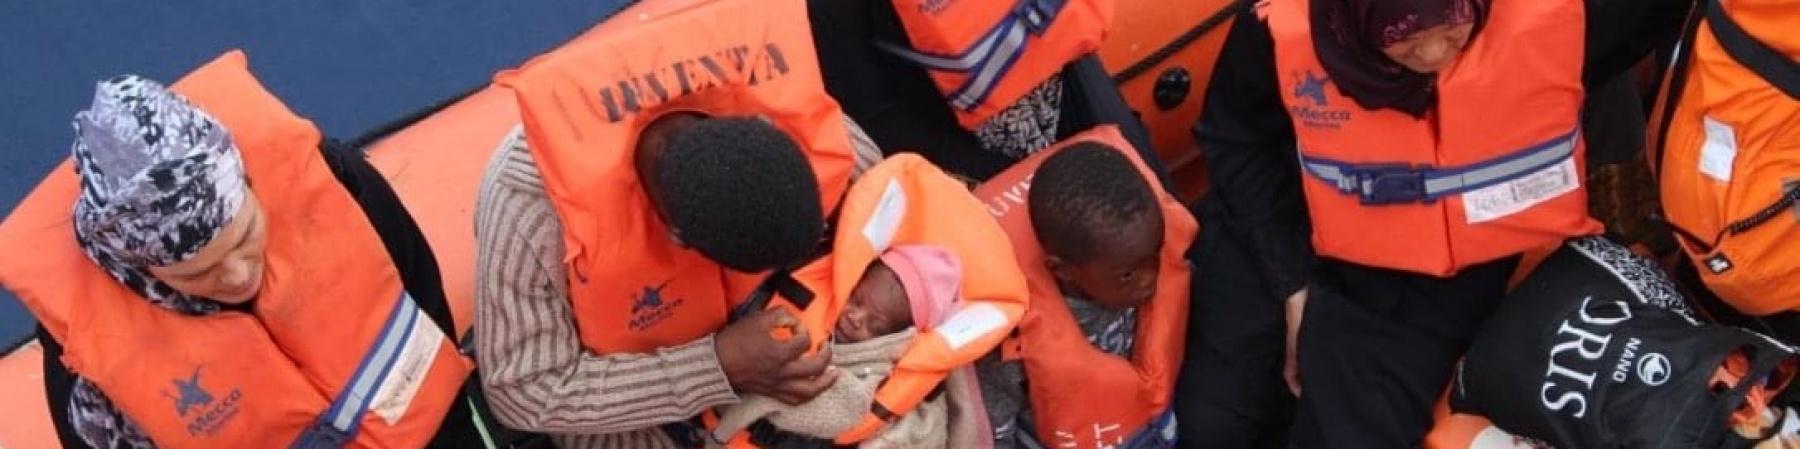 migranti-su-barca-in-mare